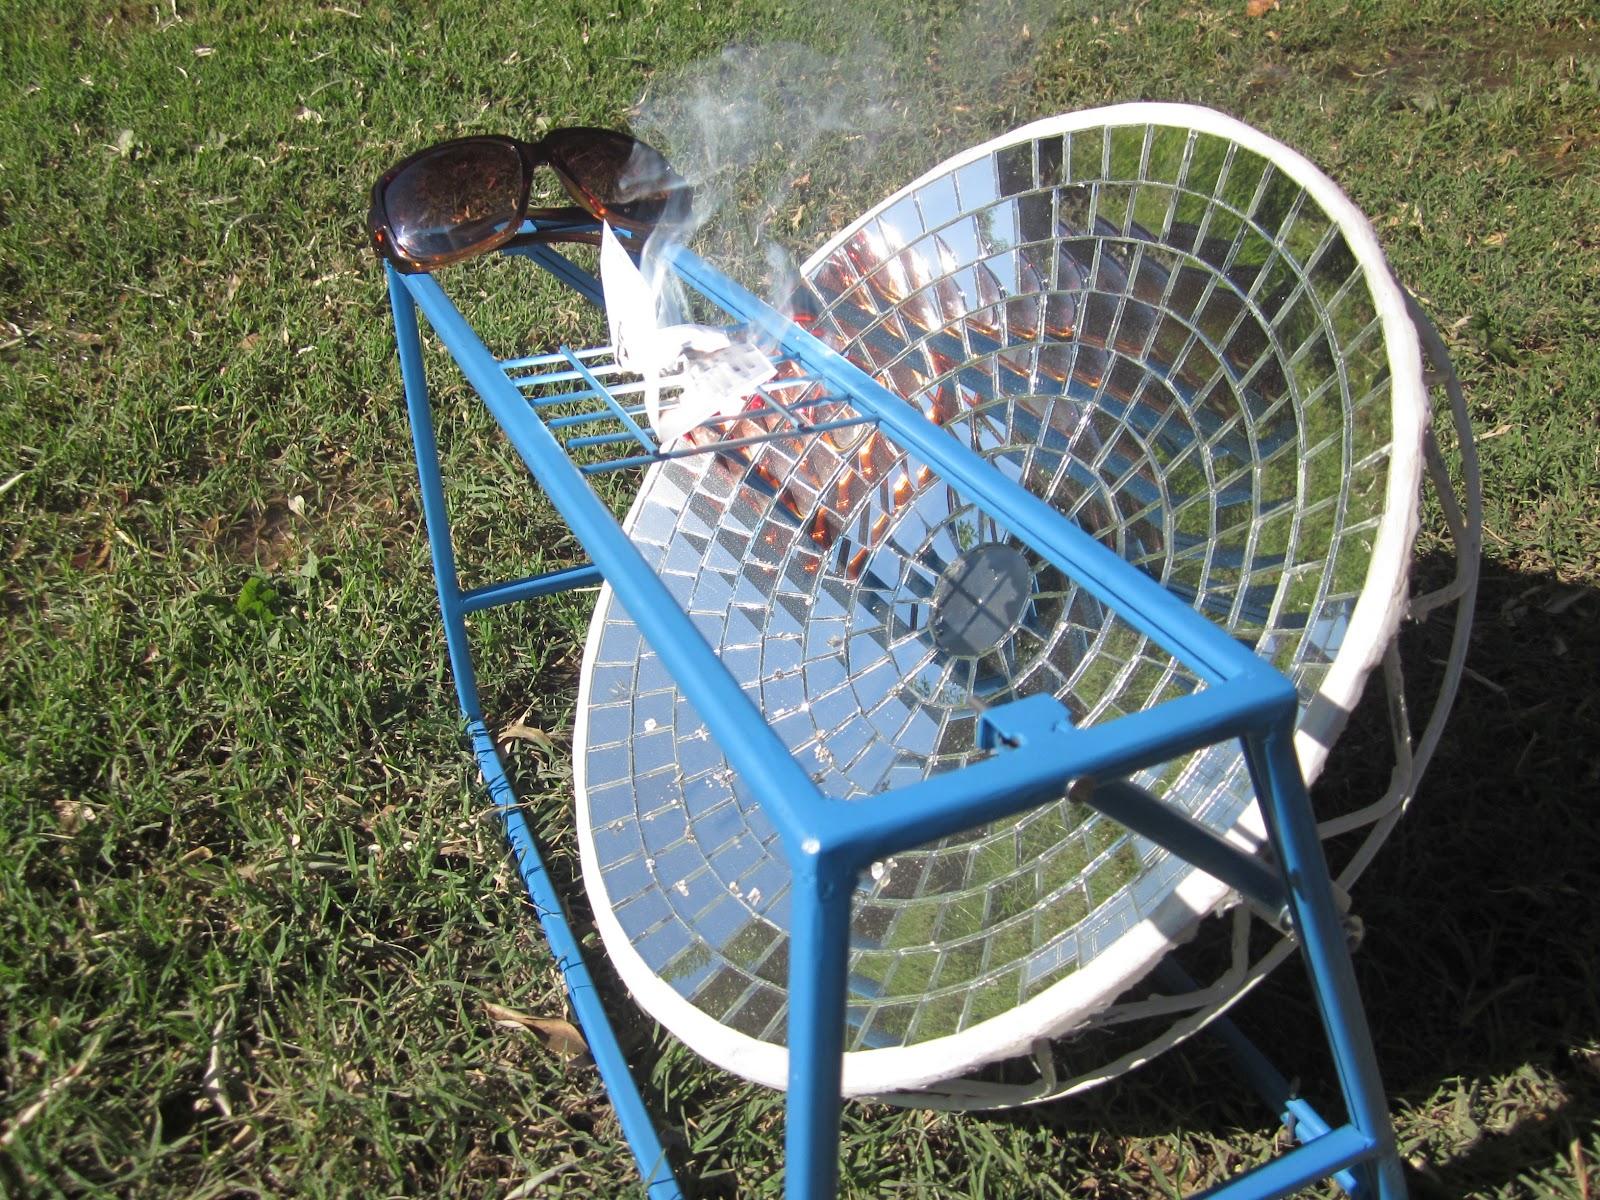 Planeta canelo cocina solar parab lica en miniatura for Planos para cocina solar parabolica